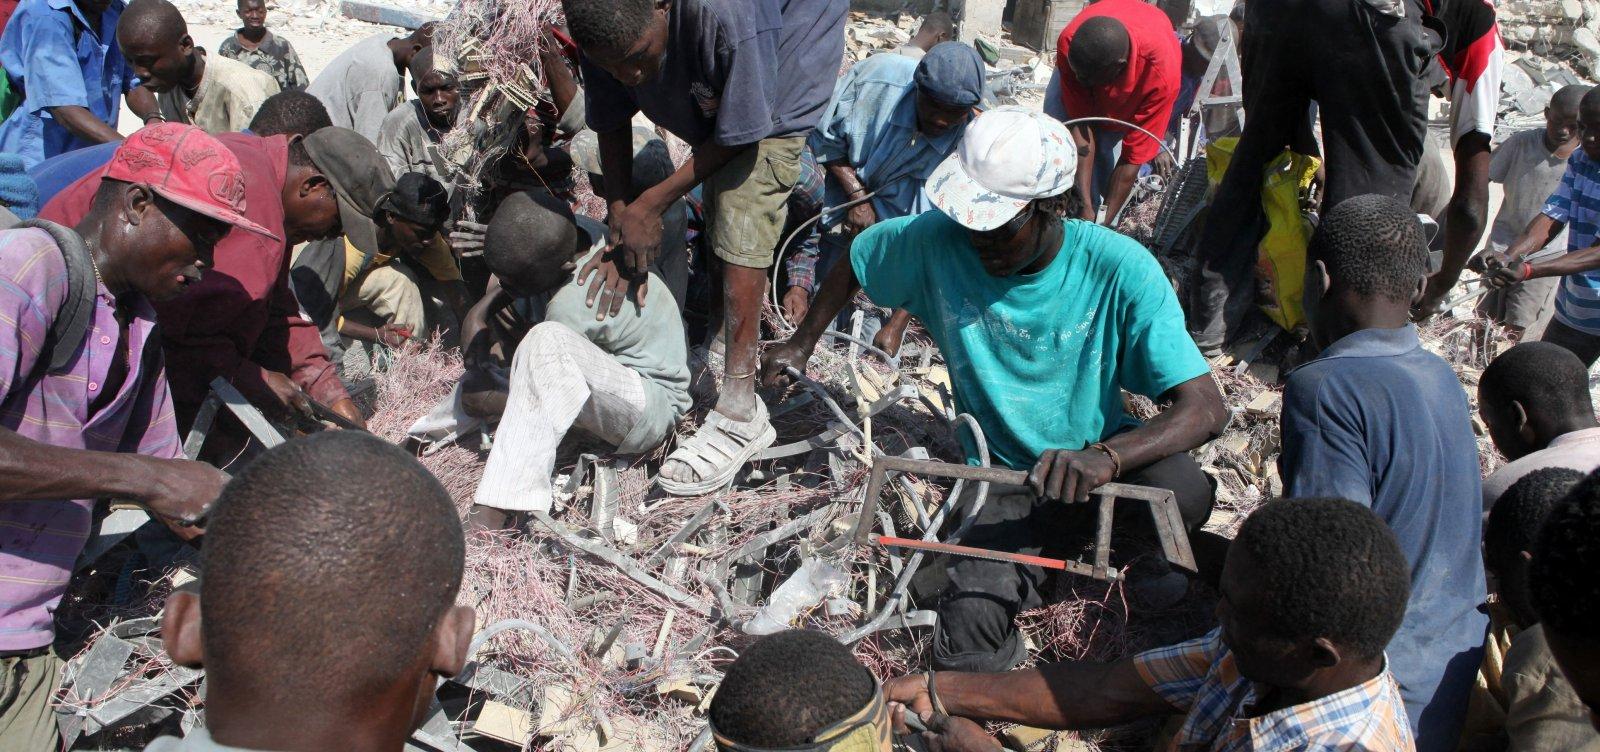 Terremoto atinge noroeste do Haiti e deixa ao menos 14 mortos